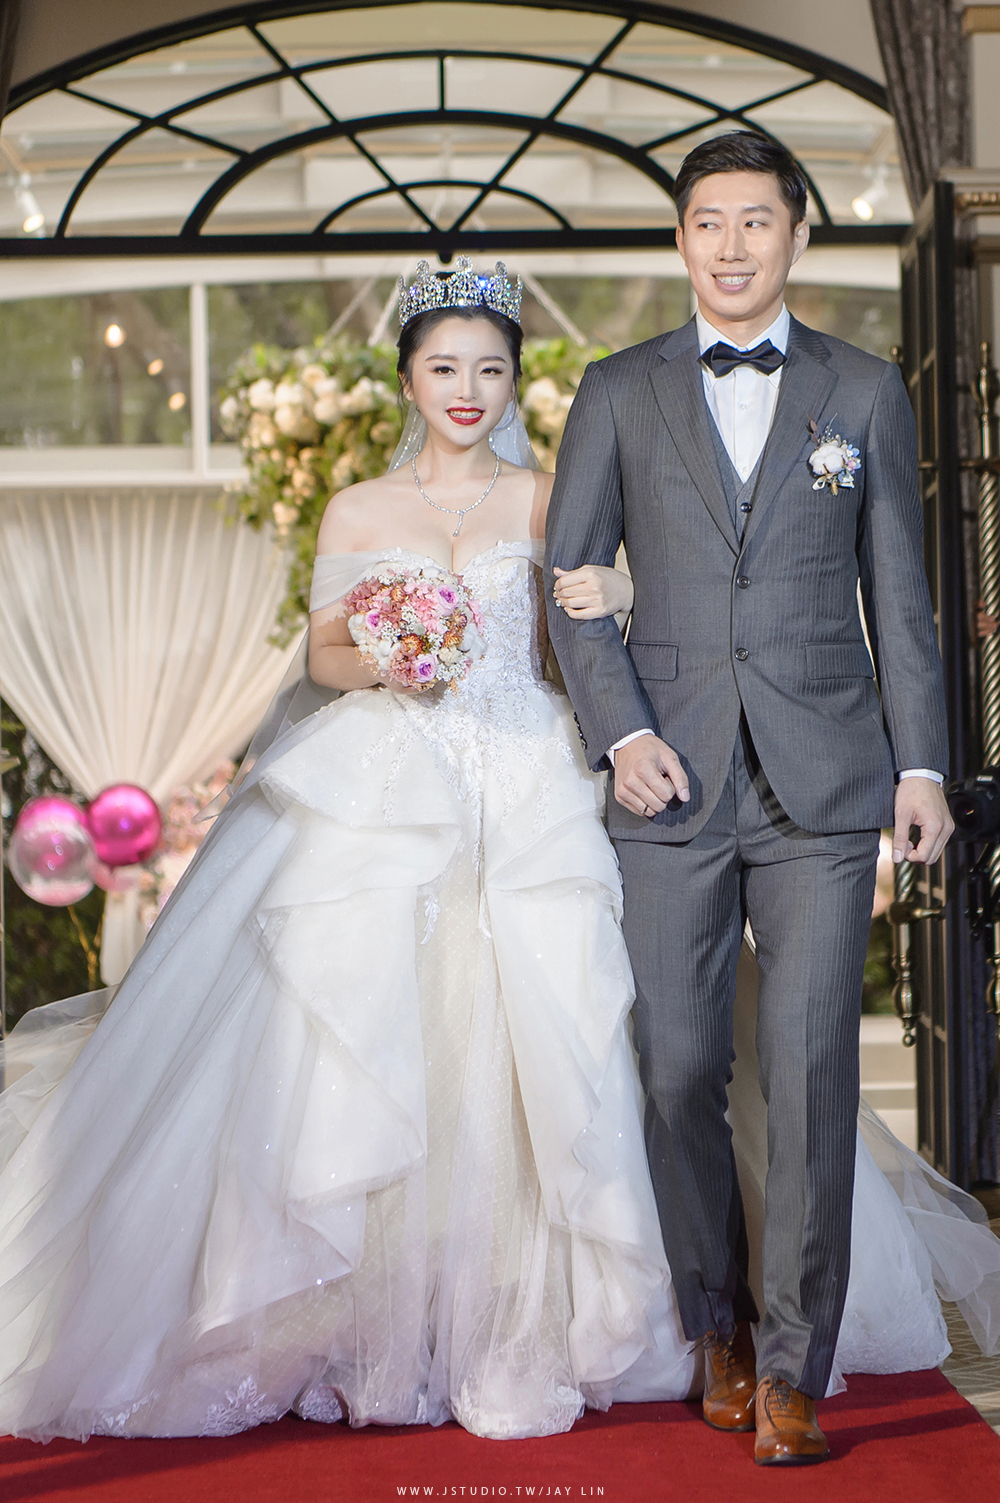 婚攝 台北婚攝 婚禮紀錄 婚攝 推薦婚攝 翡麗詩莊園 JSTUDIO_0084